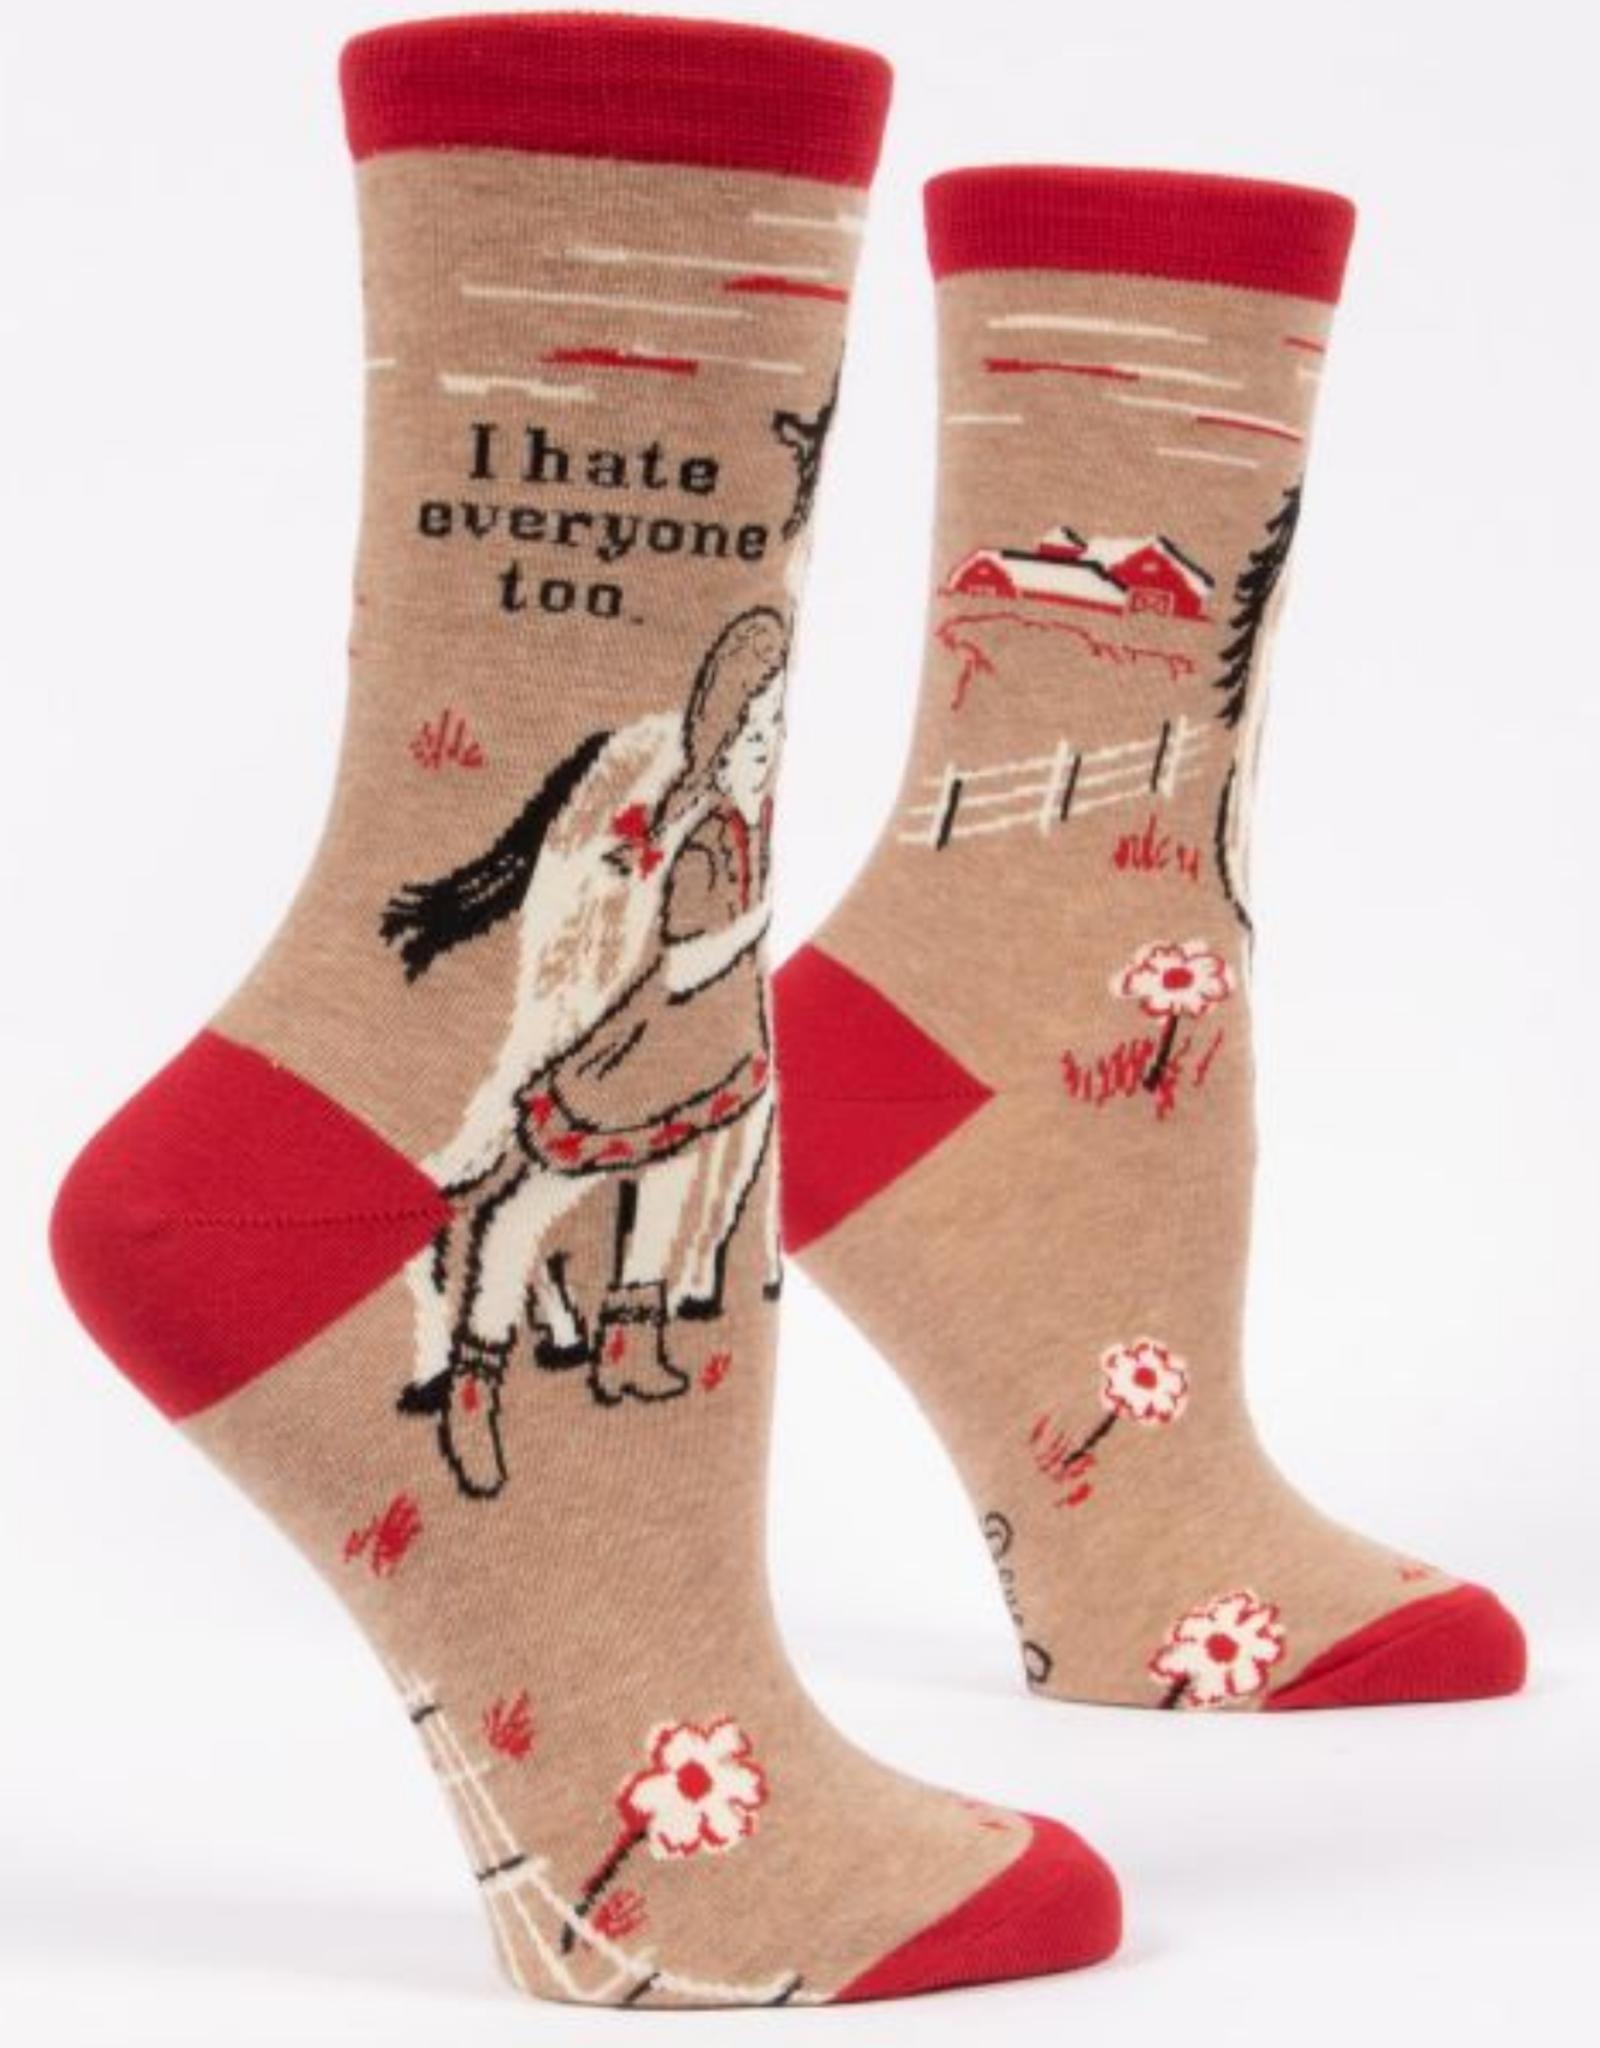 I Hate Everyone Too Women's Crew Socks